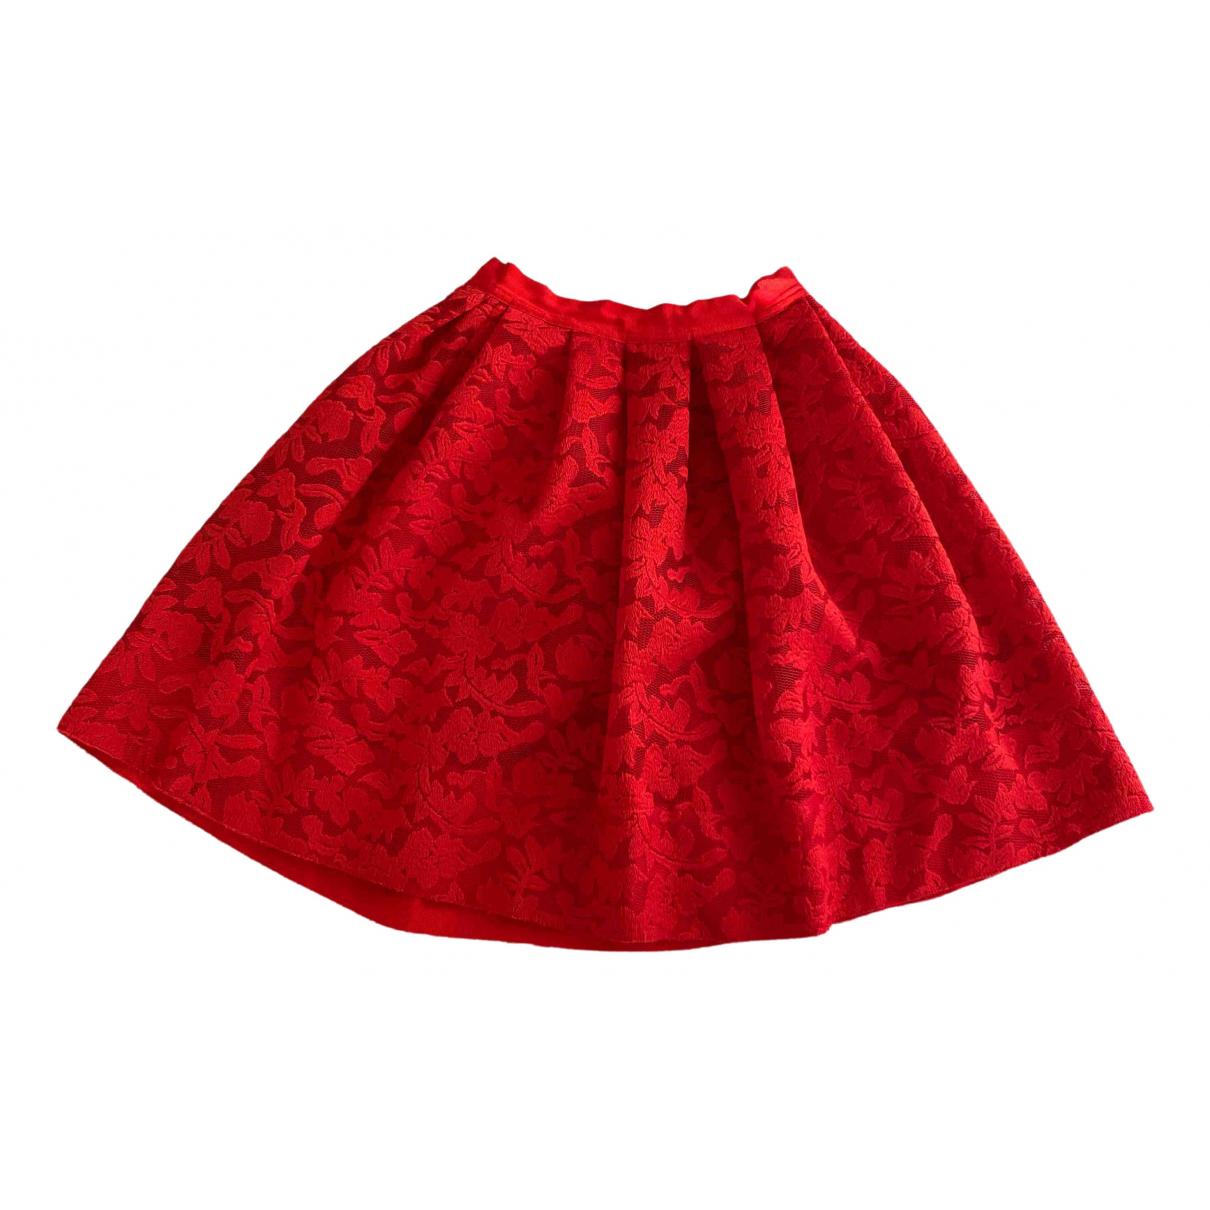 Sandro \N Red skirt for Women 1 0-5